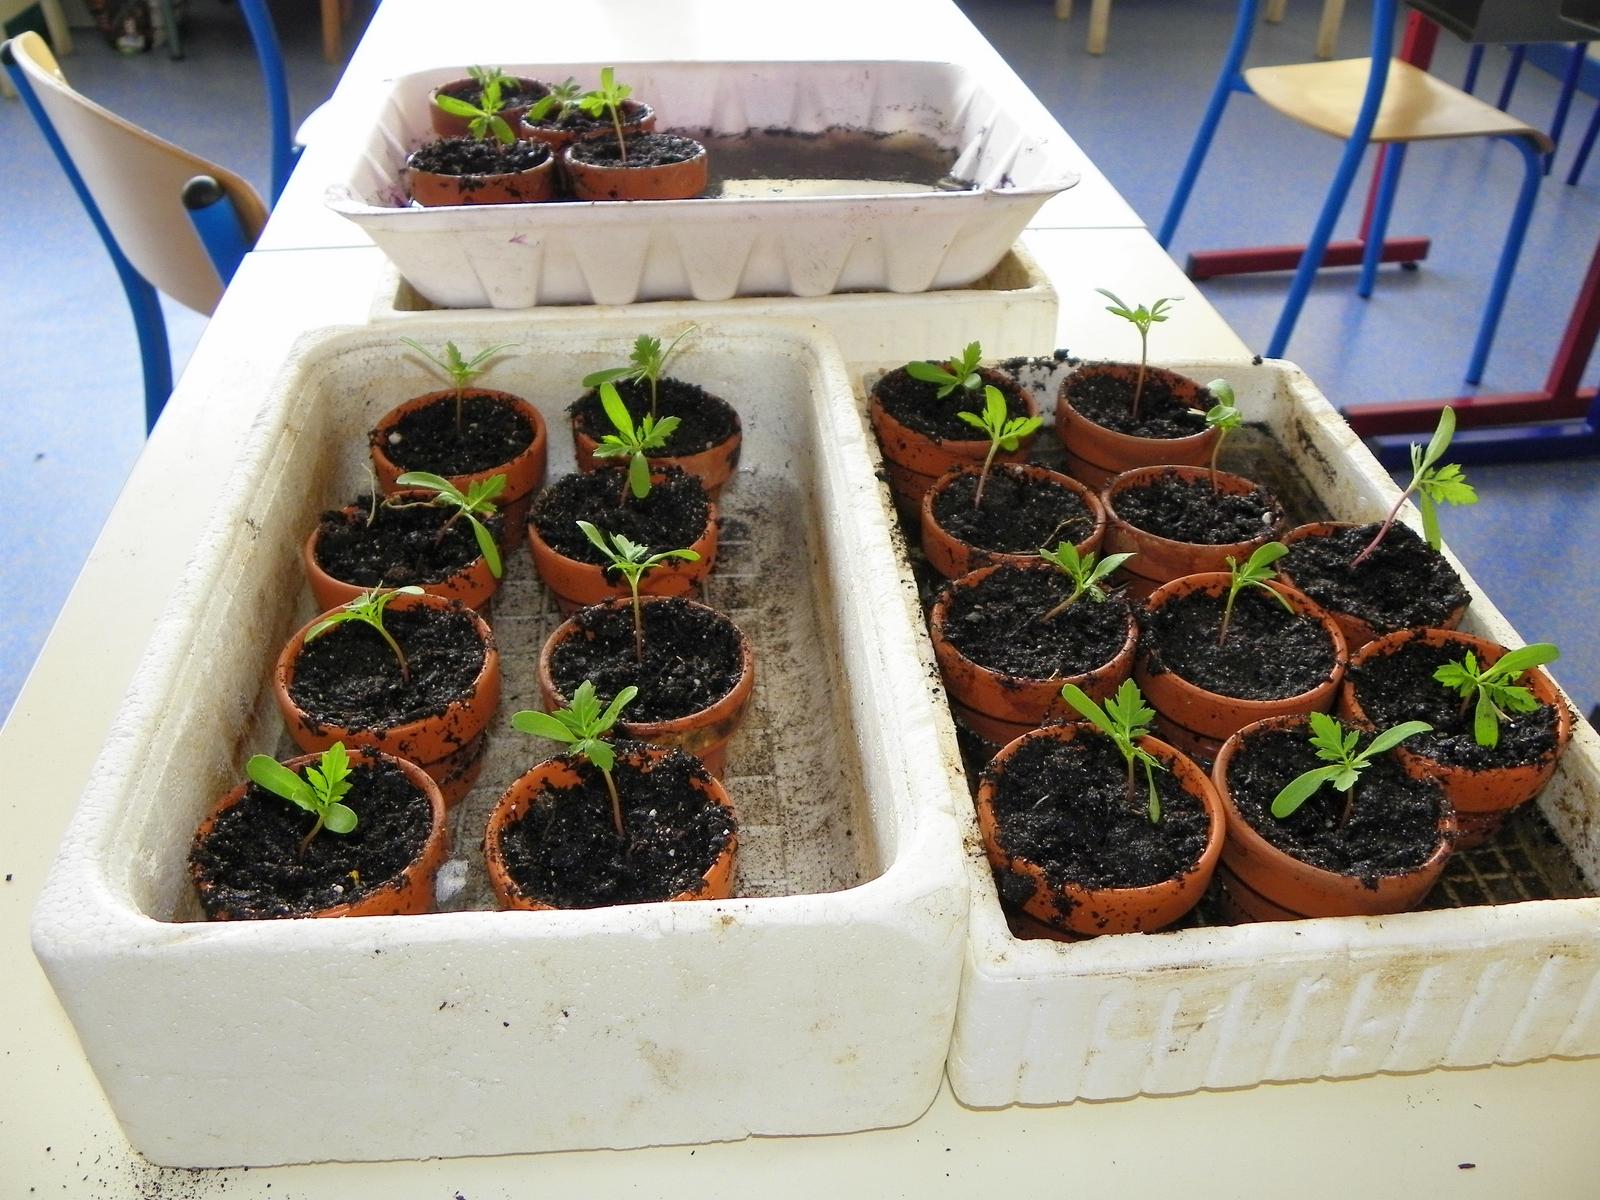 Les petits donzelot semis d 39 oeillets d 39 inde suite - Semis oeillet d inde ...